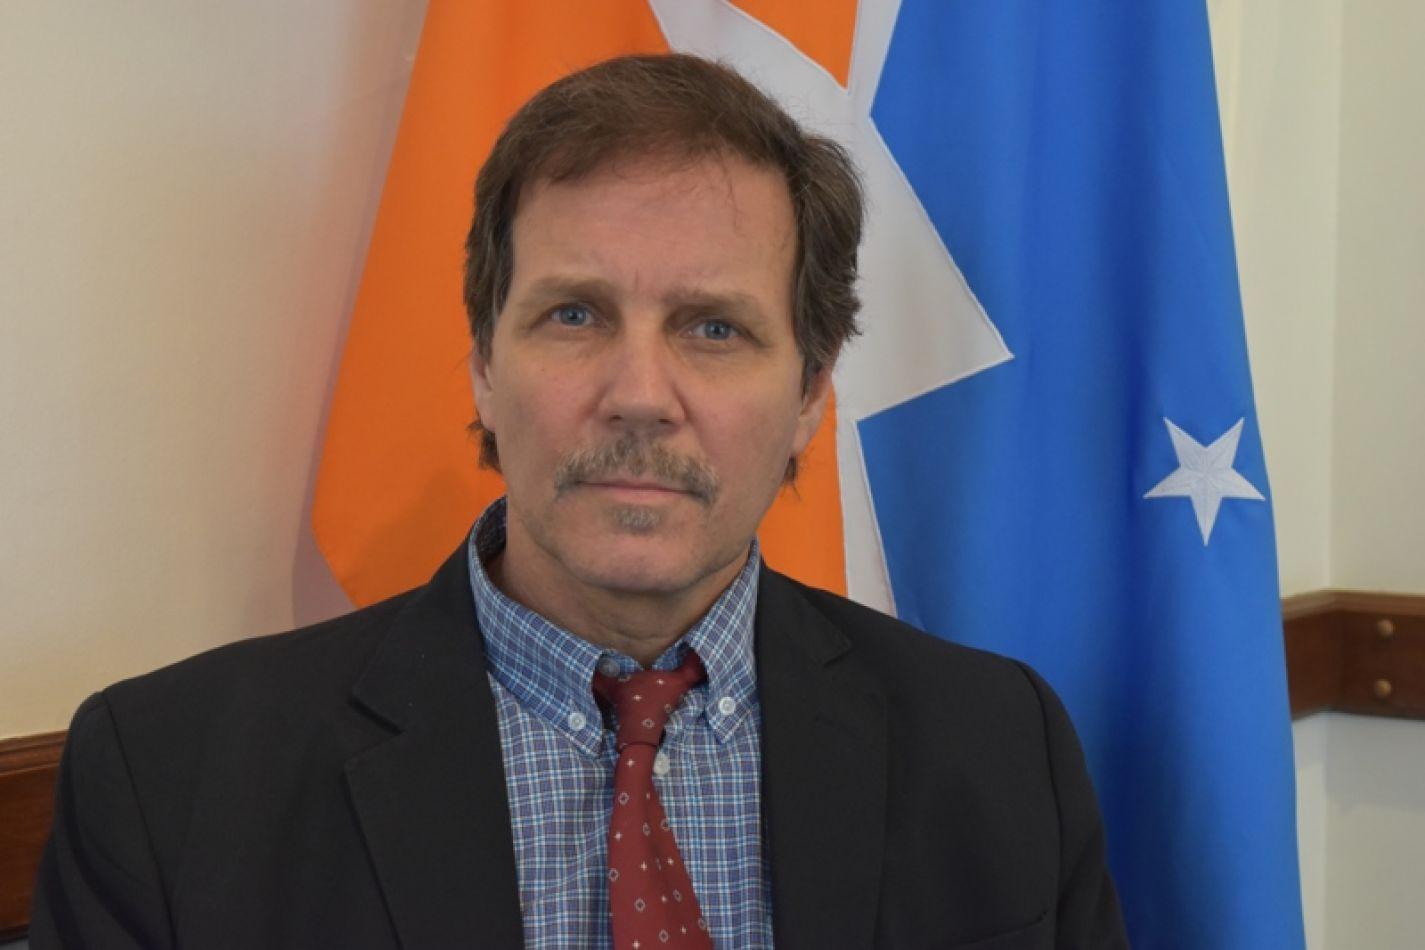 Juez de Primera Instancia Electoral de la Provincia de Tierra del Fuego, Antártida e Islas del Atlántico Sur, Doctor Isidoro Aramburu